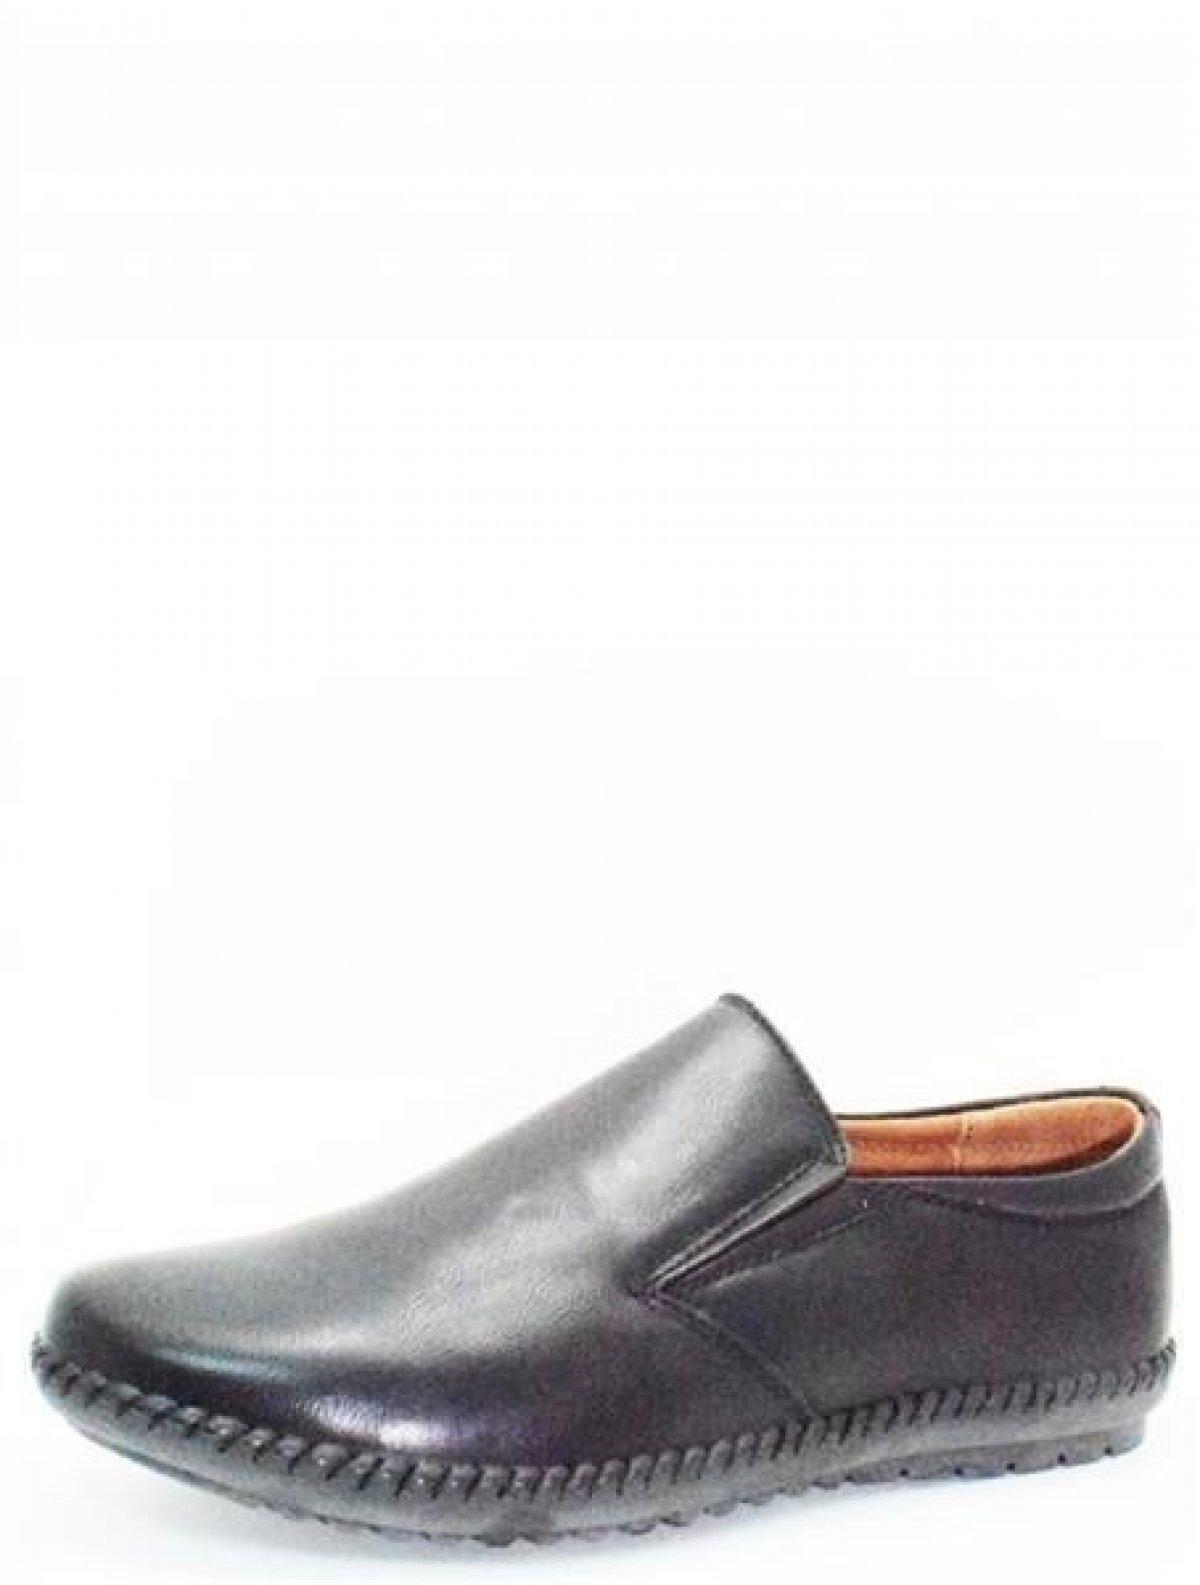 167236/03-01 туфли мужские